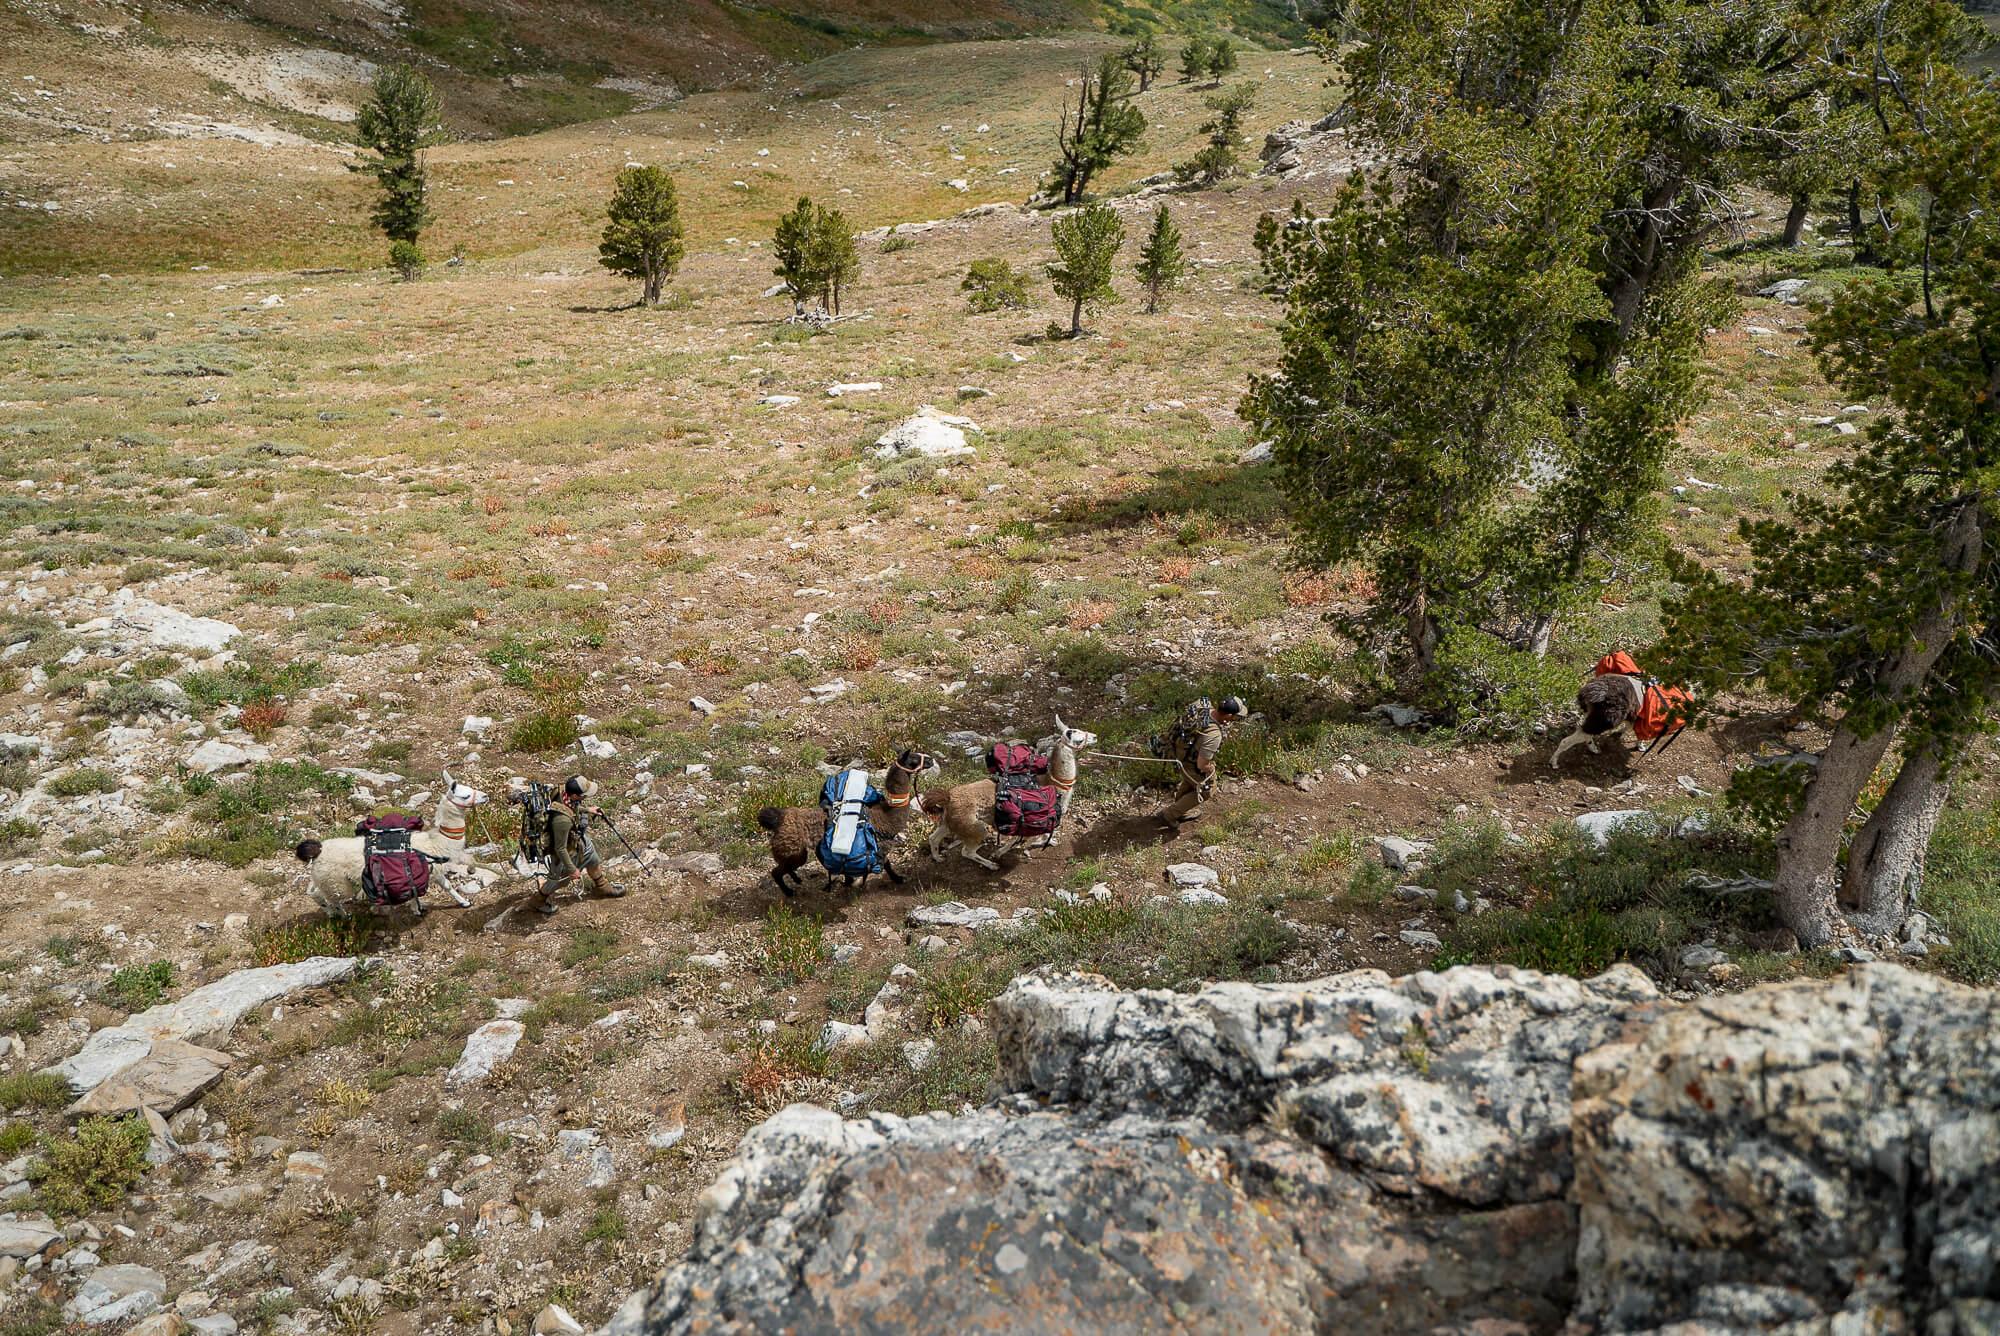 hiking northern nevada pack llamas ruby mountains